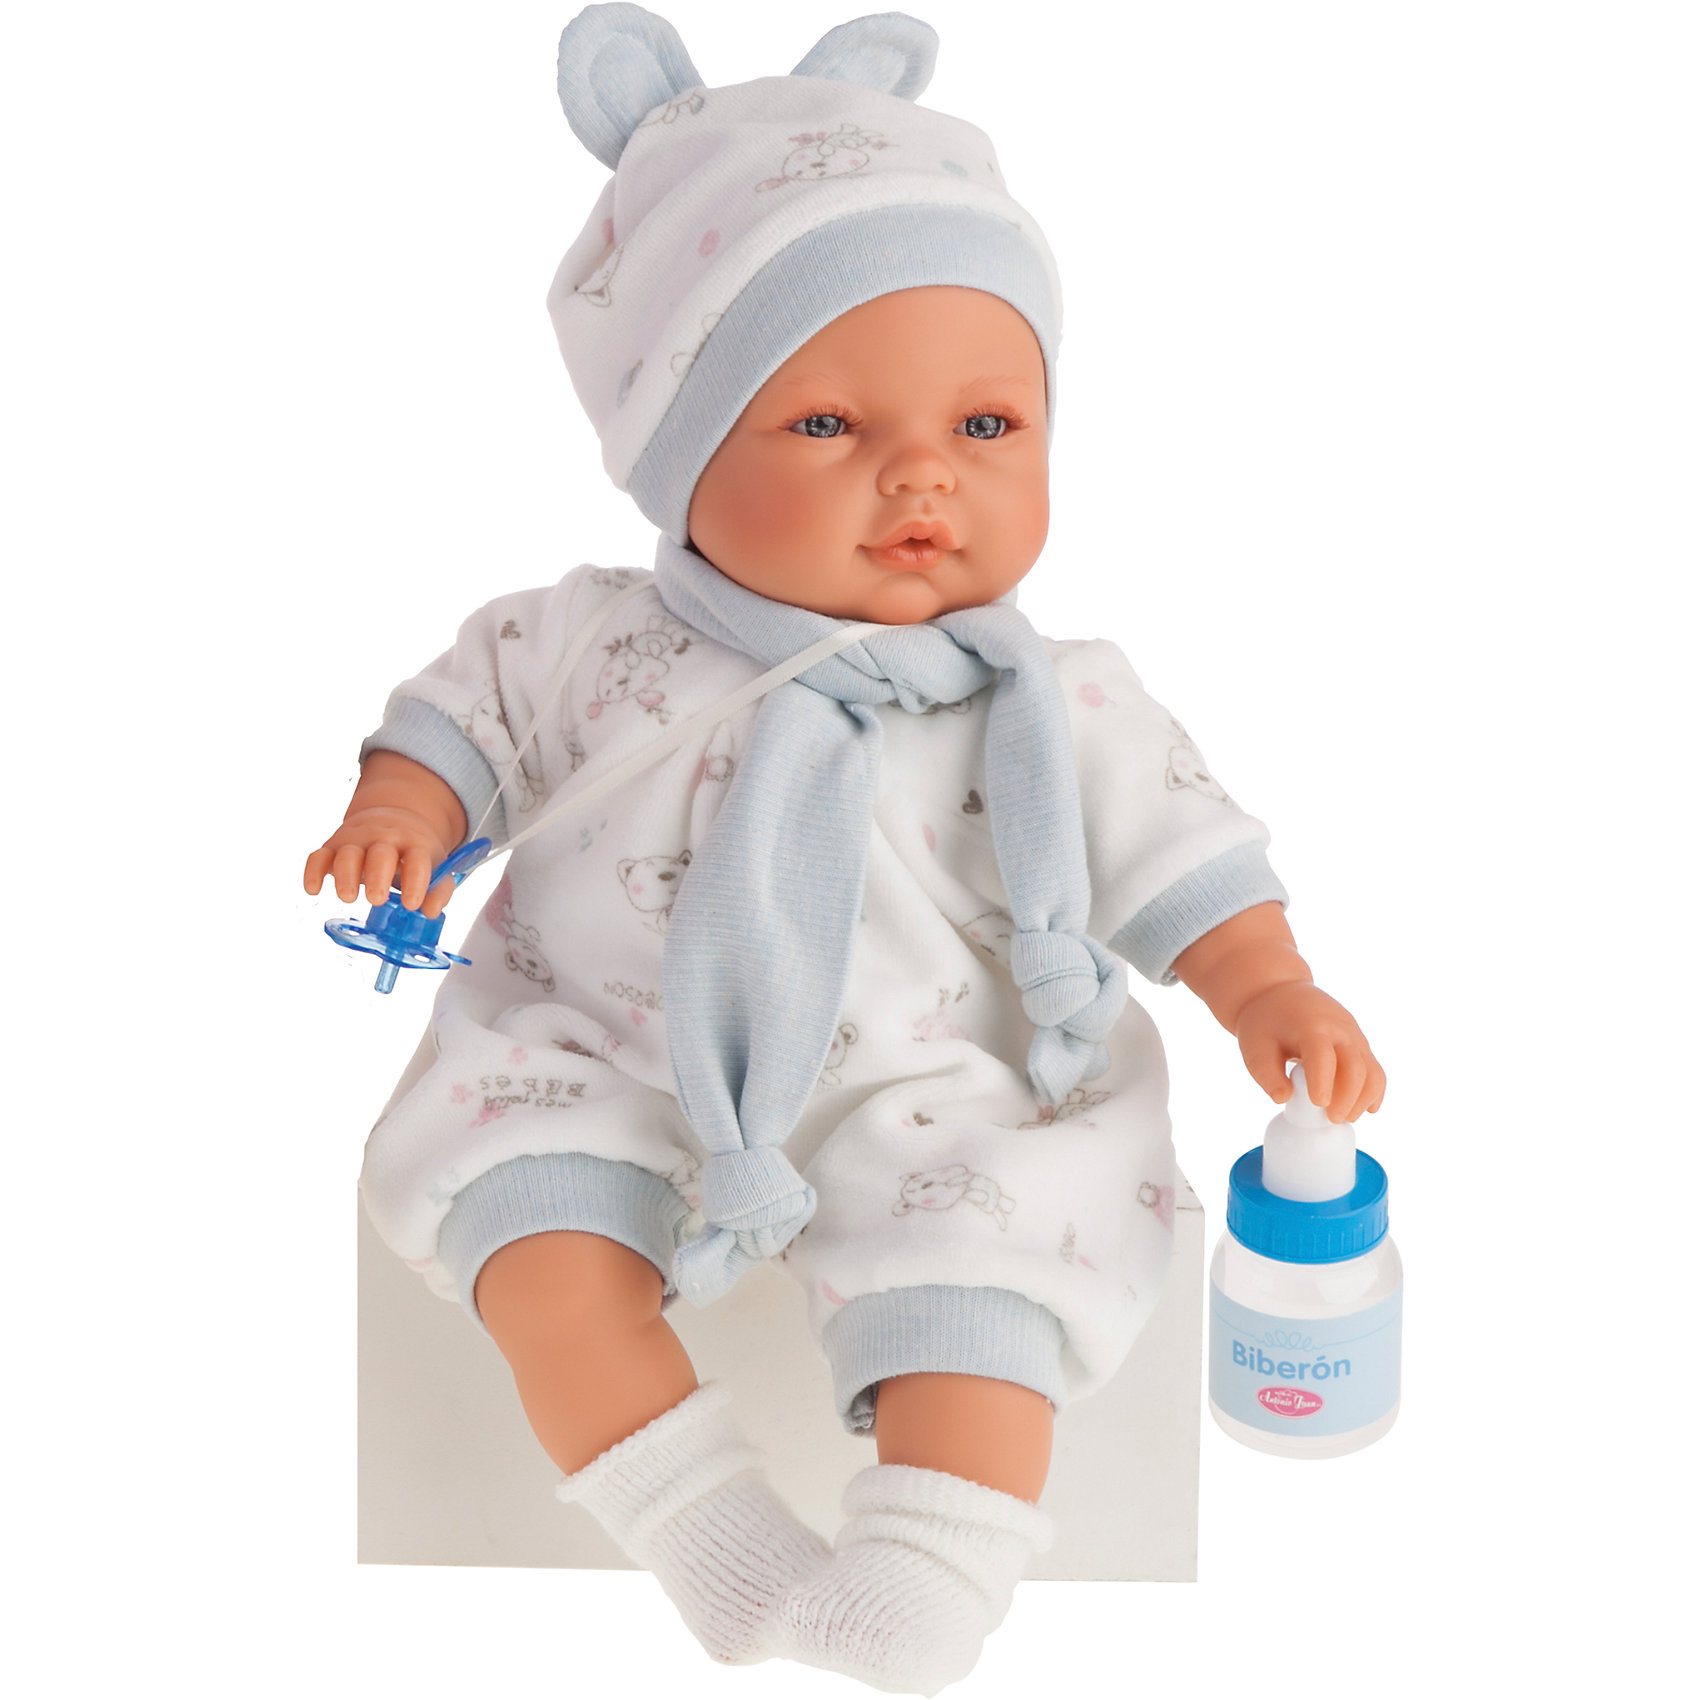 Кукла София в голубом, 37см, Munecas Antonio JuanКлассические куклы<br>Кукла София в голубом, 37 см, Munecas Antonio Juan (Мунекас от Антонио Хуан) ? это очаровательная малышка от всемирно известного испанского бренда Мунекас от Антонио Хуан, который знаменит своими реалистичными куклами. Кукла изготовлена из винила высшего качества,  ручки и ножки подвижны, глазки не закрываются. <br>Выразительный взгляд голубых глазах, нежные черты лица, розовые щечки, пухленькие губкеи и курносый носик ? малышка София очарует даже самую взыскательную девочку!<br>Кукла София в голубом, 37 см, Munecas Antonio Juan (Мунекас от Антонио Хуан) разработана с учетом анатомических особенностей и мимики младенцев. Играя с Софией, ваш ребенок реалистично проживает роль «мамы», учится ухаживать за малышом, заботиться о нем.<br>В комплекте с куклой идет соска и бутылочка. Если соску достать из ротика, София начинает плакать, успокаивается она, когда соску возвращают обратно в ротик. <br>Одежда куклы разработана современными европейскими дизайнерами: нежный комбинезон с голубыми манжетами, шапочка с ушками и белые носочки. Вокруг шеи повязан голубой шарфик. Весь комплект одежды и его продуманные детали направлены на то, чтобы способствовать формированию чувства стиля и вкуса в одежде у вашей девочки.<br>Куклы JUAN ANTONIO munecas (Мунекас от Антонио Хуан) ? мечта девочки любого возраста!<br><br>Дополнительная информация:<br><br>- Вид игр: сюжетно-ролевые игры <br>- Дополнительные функции: плачет<br>- Комплектация: кукла, соска, бутылочка<br>- Материал: пластик, винил, текстиль<br>- Высота куклы: 37 см<br>- Вес: 6 кг 120 г<br>- Батарейки: 3 шт. АА<br>- Особенности ухода: одежда ? ручная стирка <br><br>Подробнее:<br><br>• Для детей в возрасте: от 3 лет и до 6 лет<br>• Страна производитель: Испания<br>• Торговый бренд: JUAN ANTONIO munecas <br><br>Куклу Софию в голубом, 37 см, Munecas Antonio Juan  (Мунекас от Антонио Хуан) можно купить в нашем интернет-магазине.<br><br>Ширина мм: 440<br>Глубина 